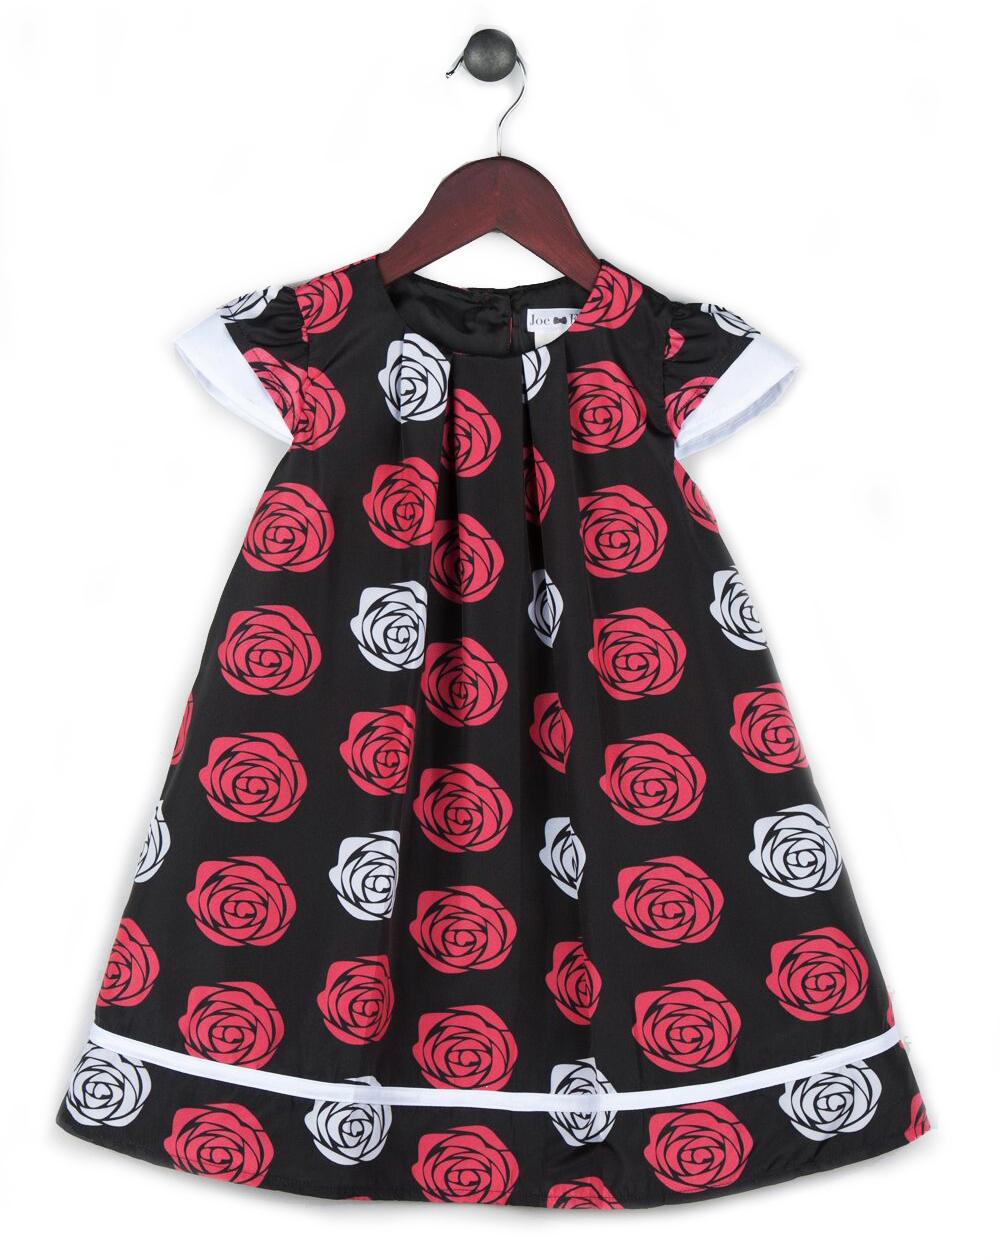 3bdaba0284a2 Joe and Ella Fashion Dievčenské šaty Lisa s ružičkami - čierno-červeno-biele